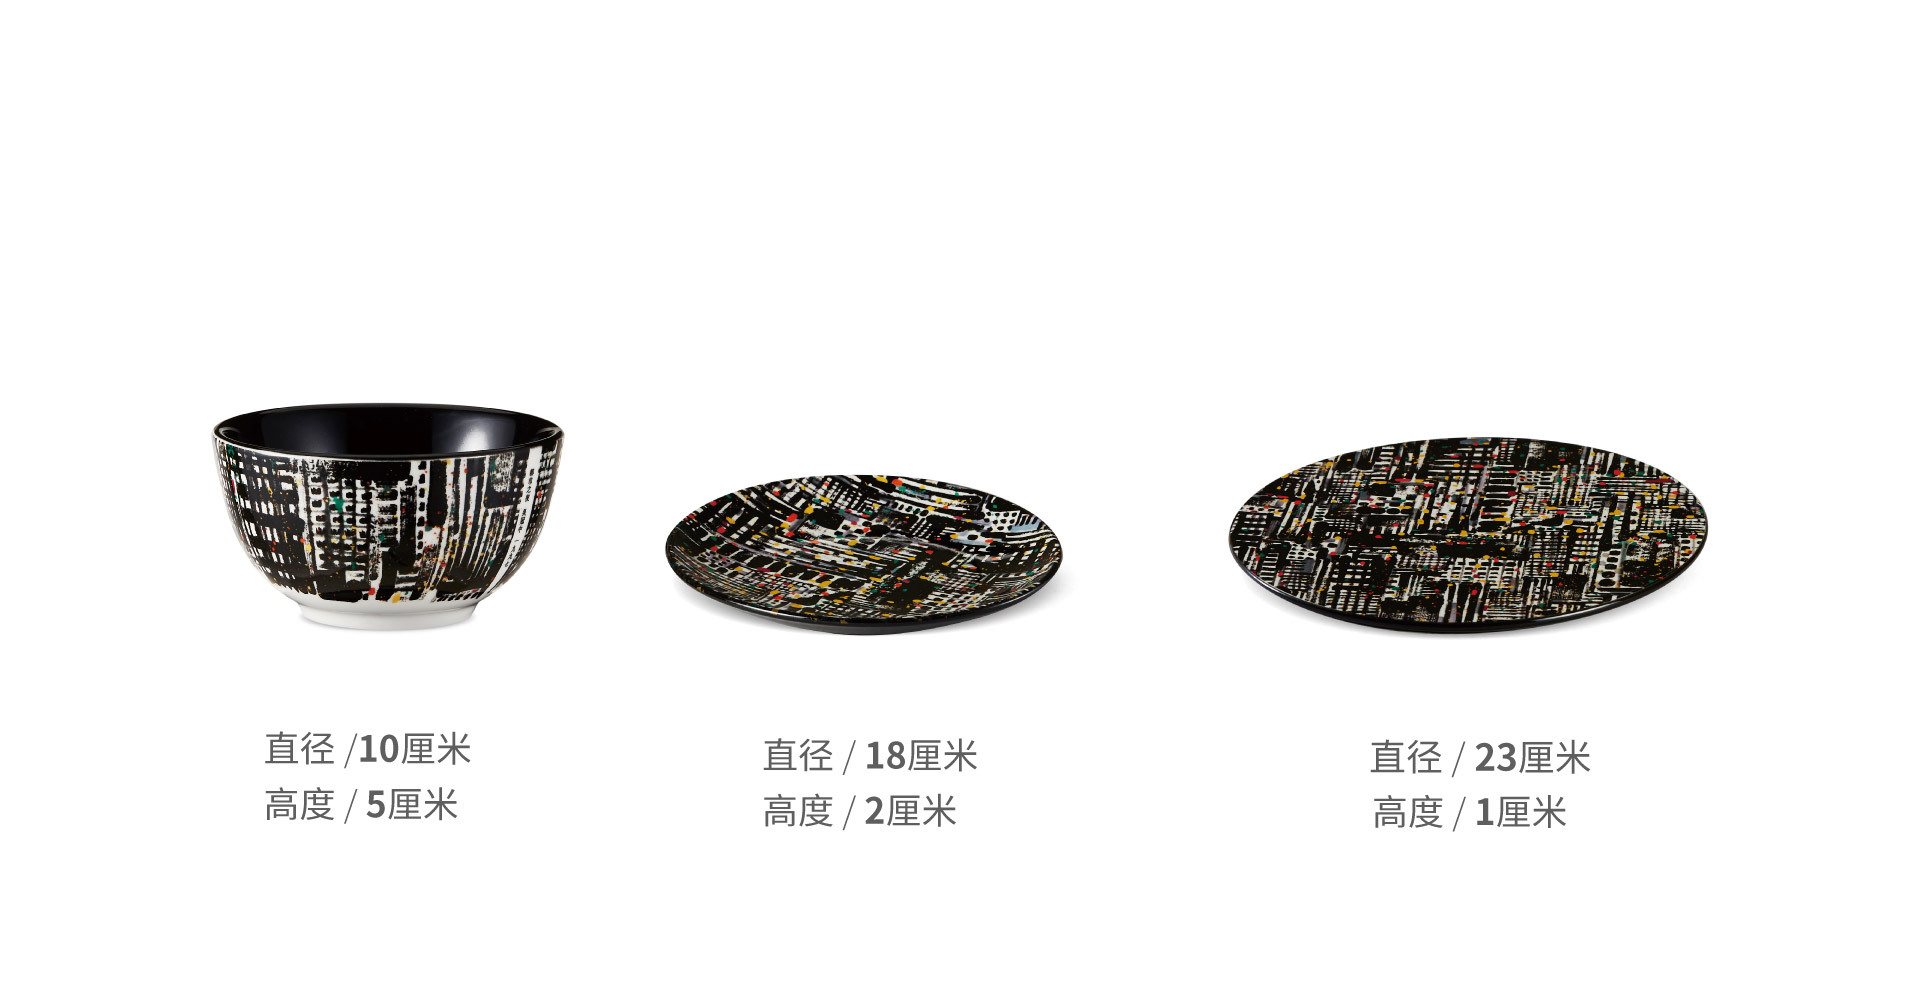 吴冠中系列纹样餐具-都市之夜小尺寸碗碟套装餐具效果图